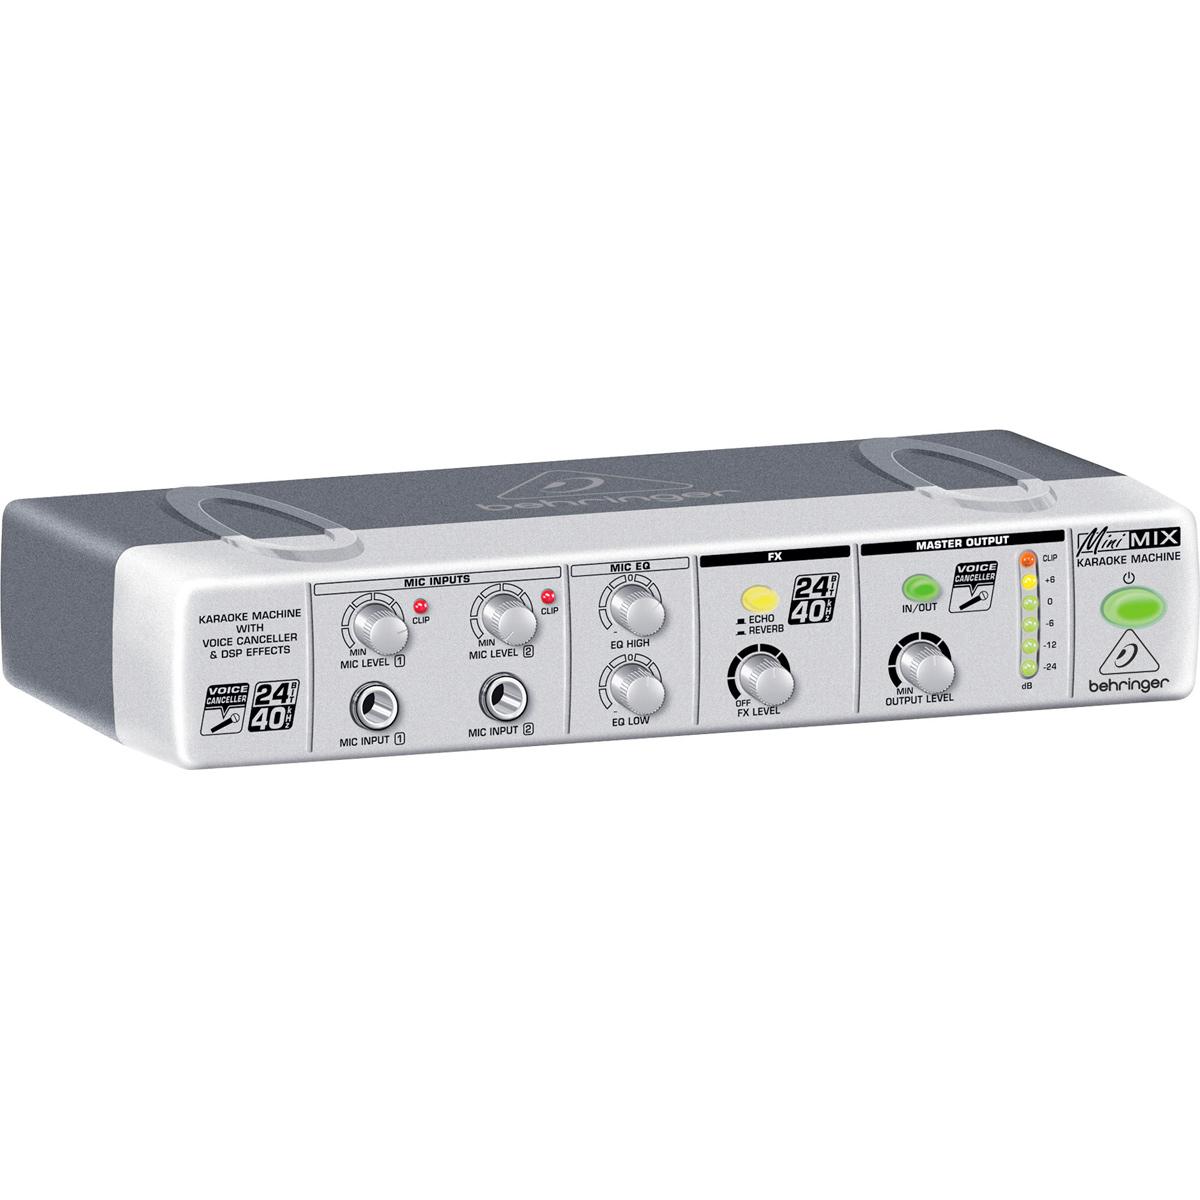 MIX800 - Cancelador de Voz p/ Karaoke Minimix MIX 800 - Behringer